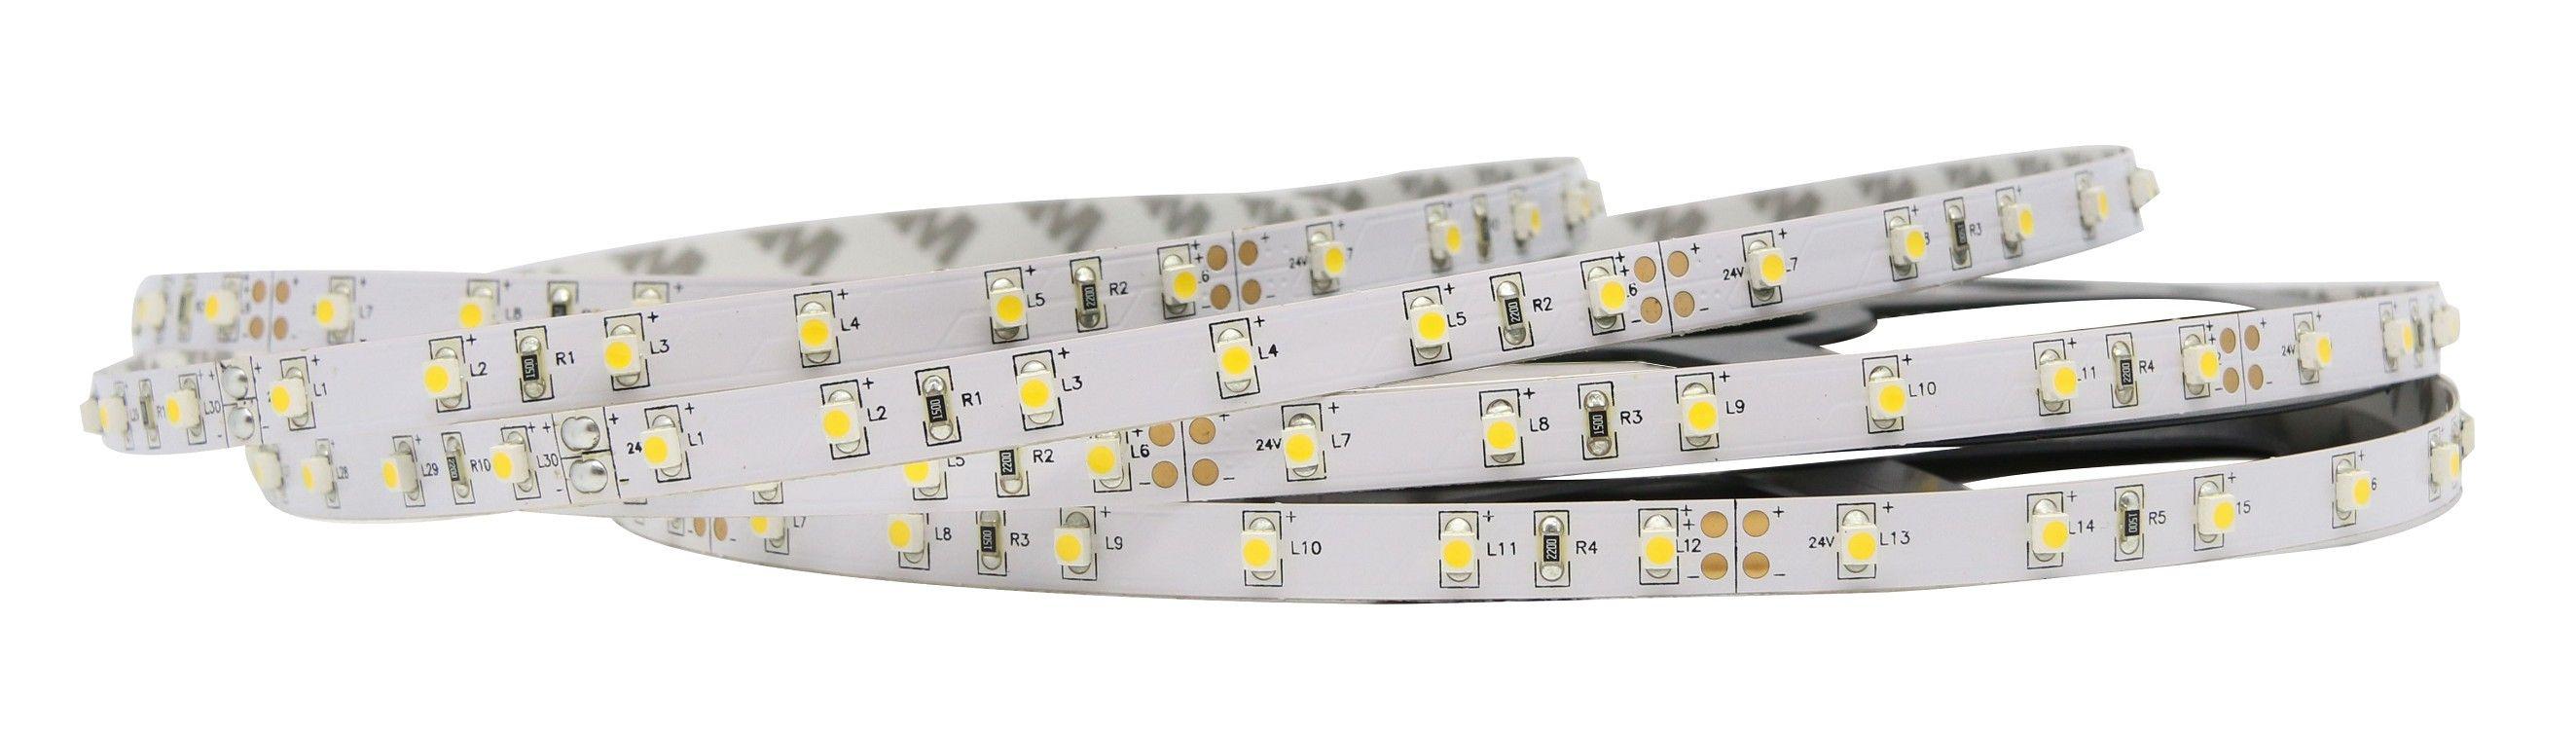 LED Striplight S241-High-Performance-24V-4.8W